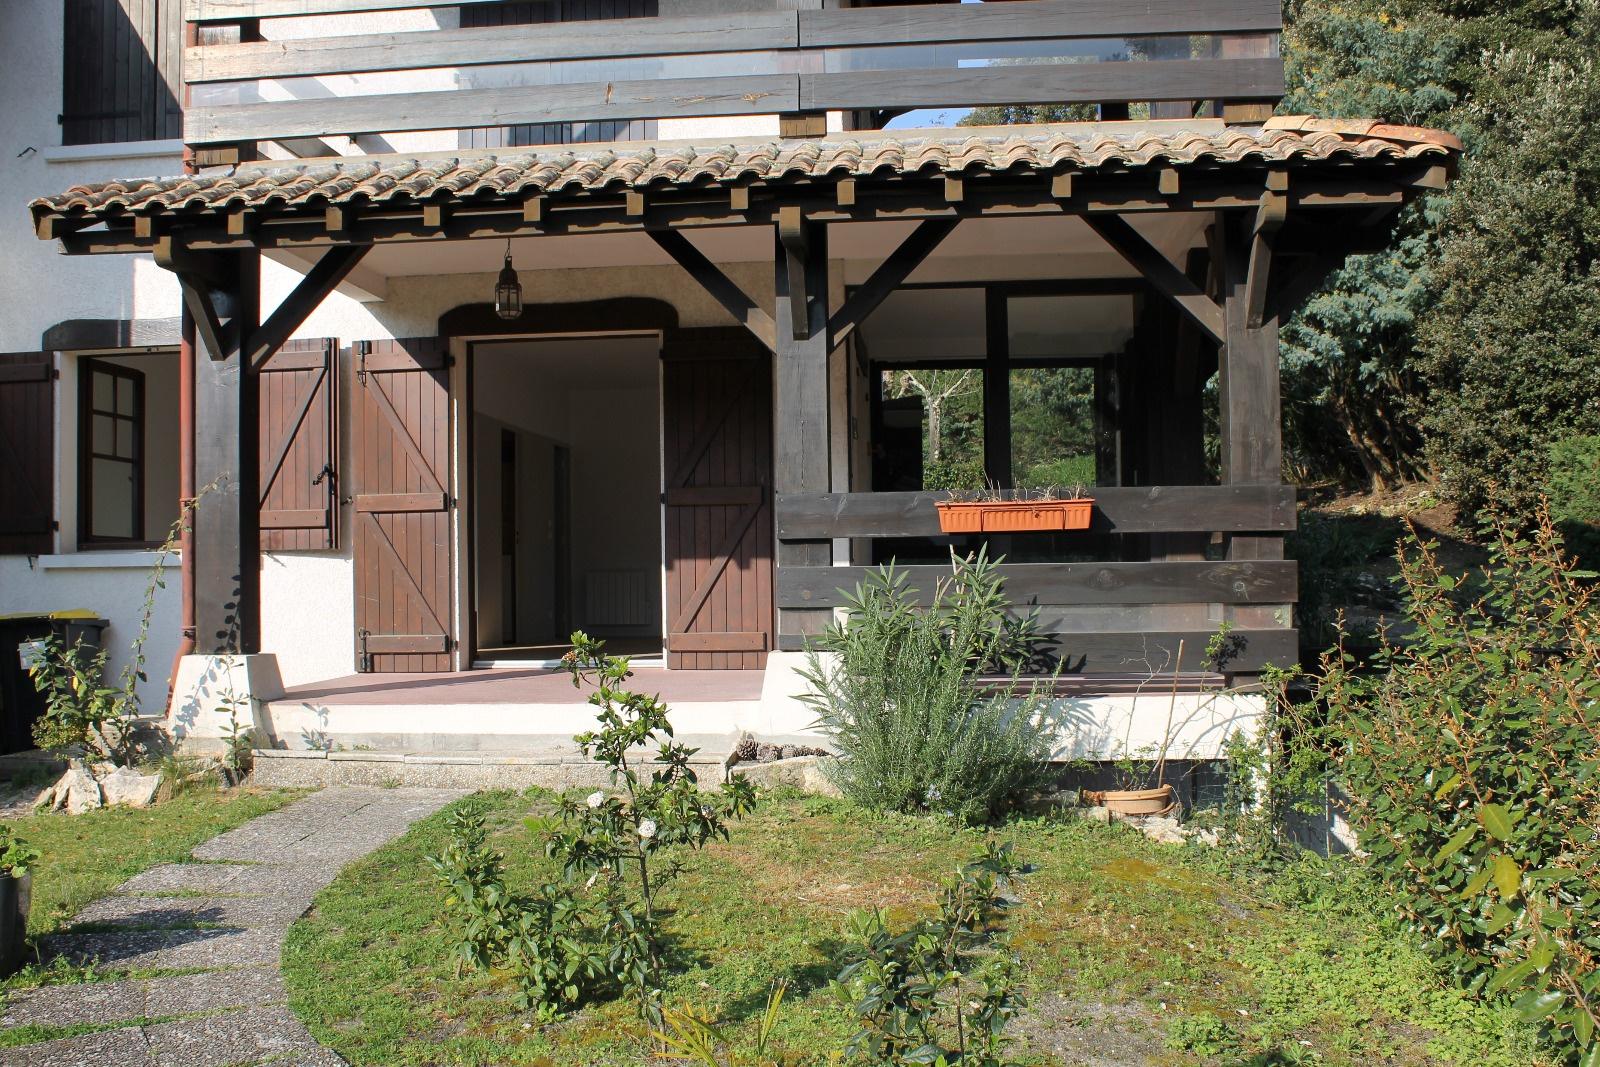 Vente appartement 3 pieces sur 93 m de jardin privatif for Jardin 93